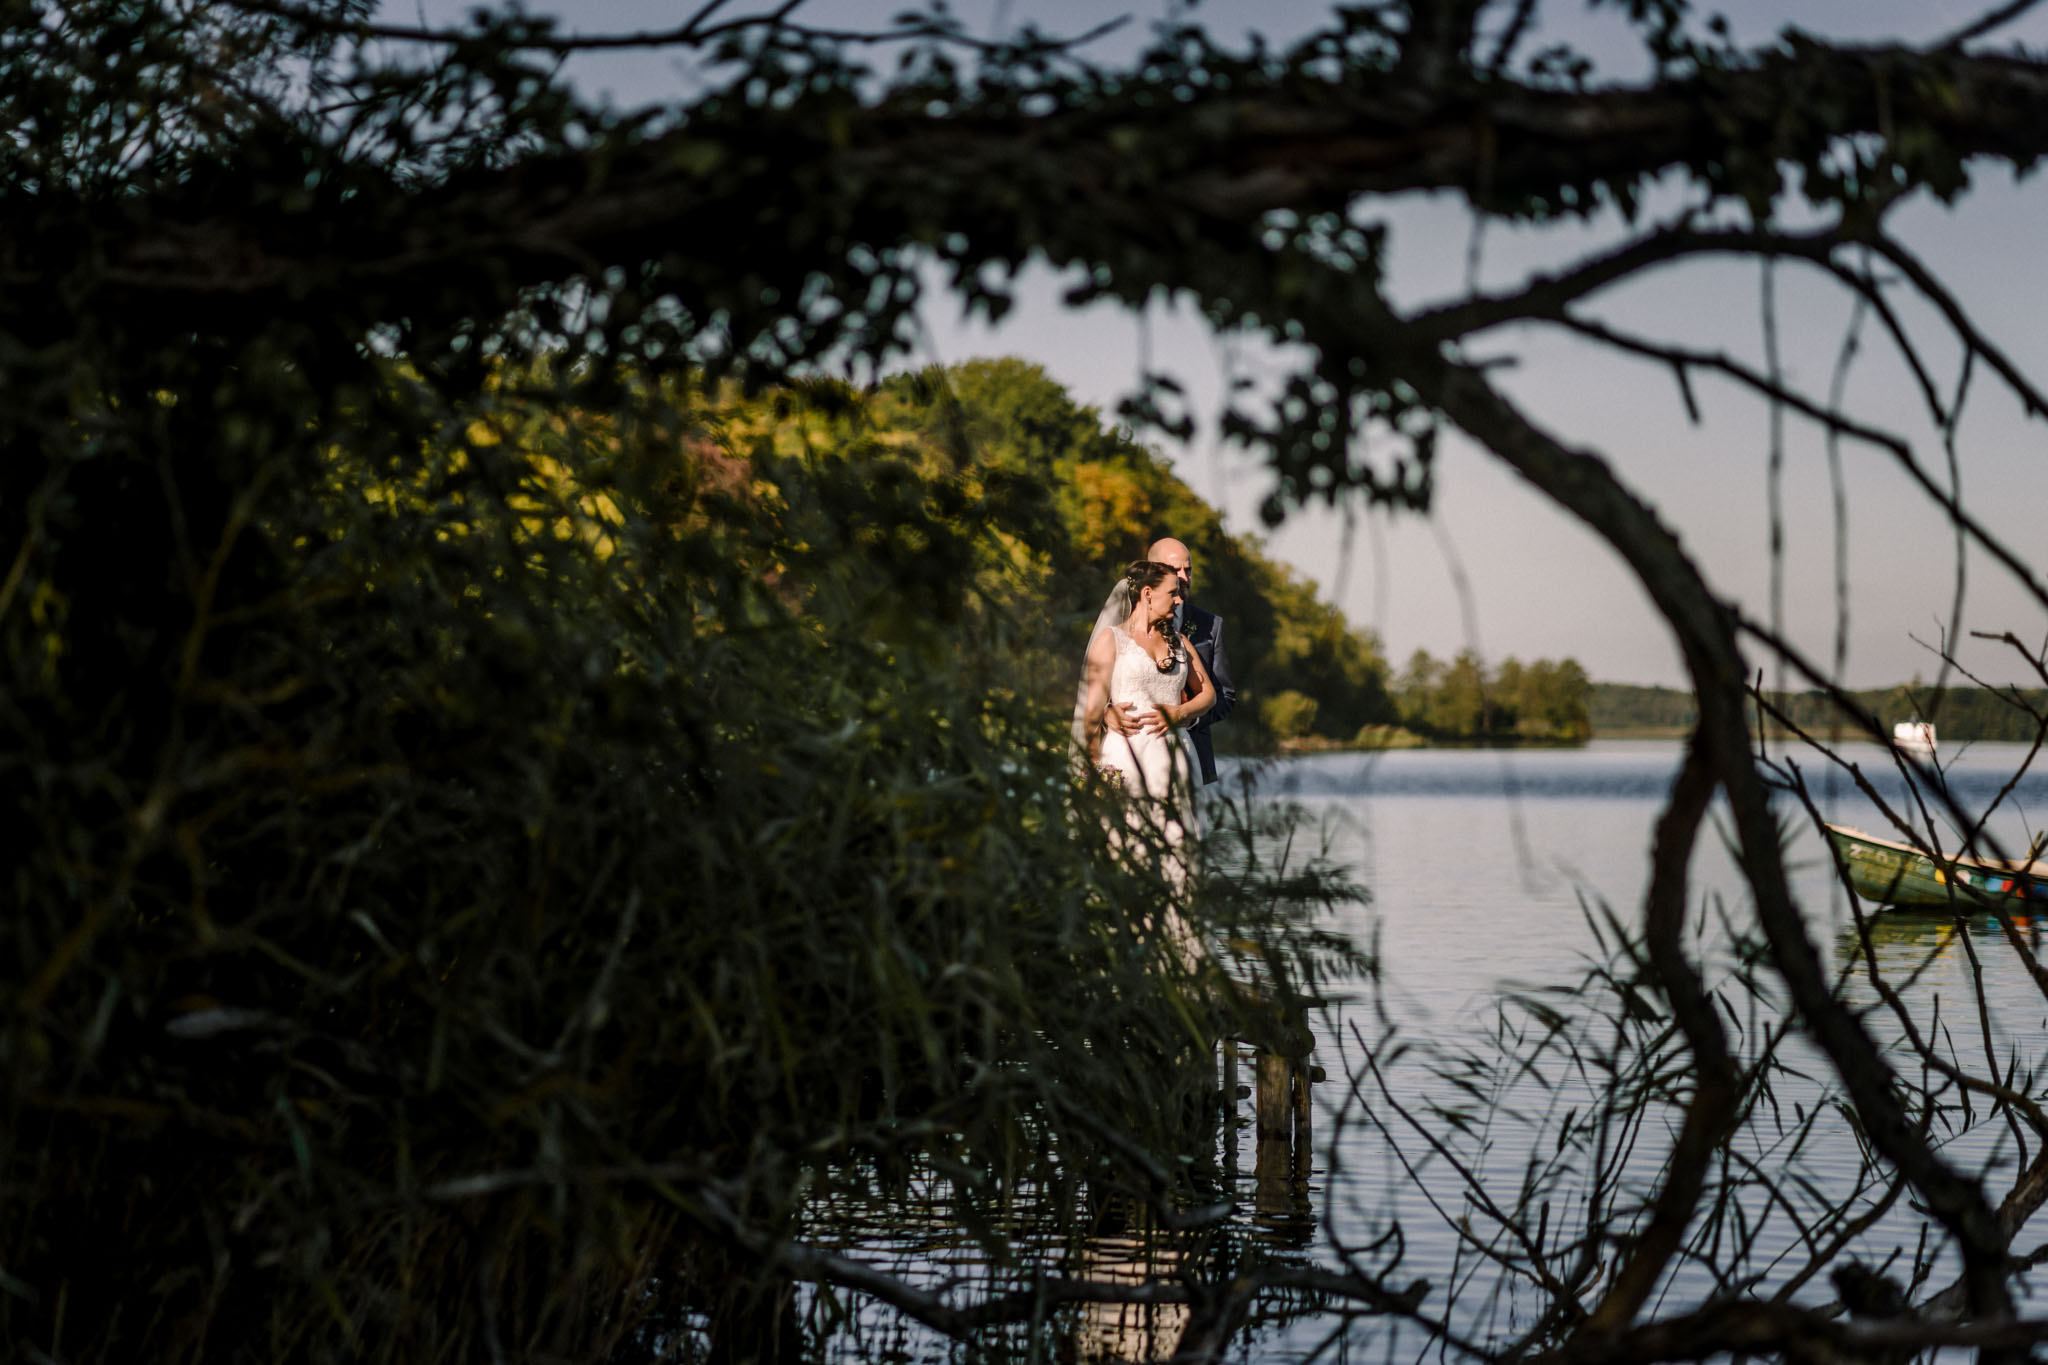 Hochzeitsfieber by Photo-Schomburg, Hochzeitsfotograf, Hamburg,Hochzeitstag, Hochzeitspaar, Braut, Bräutigam, Literaturhauscafe Zarrentin-83